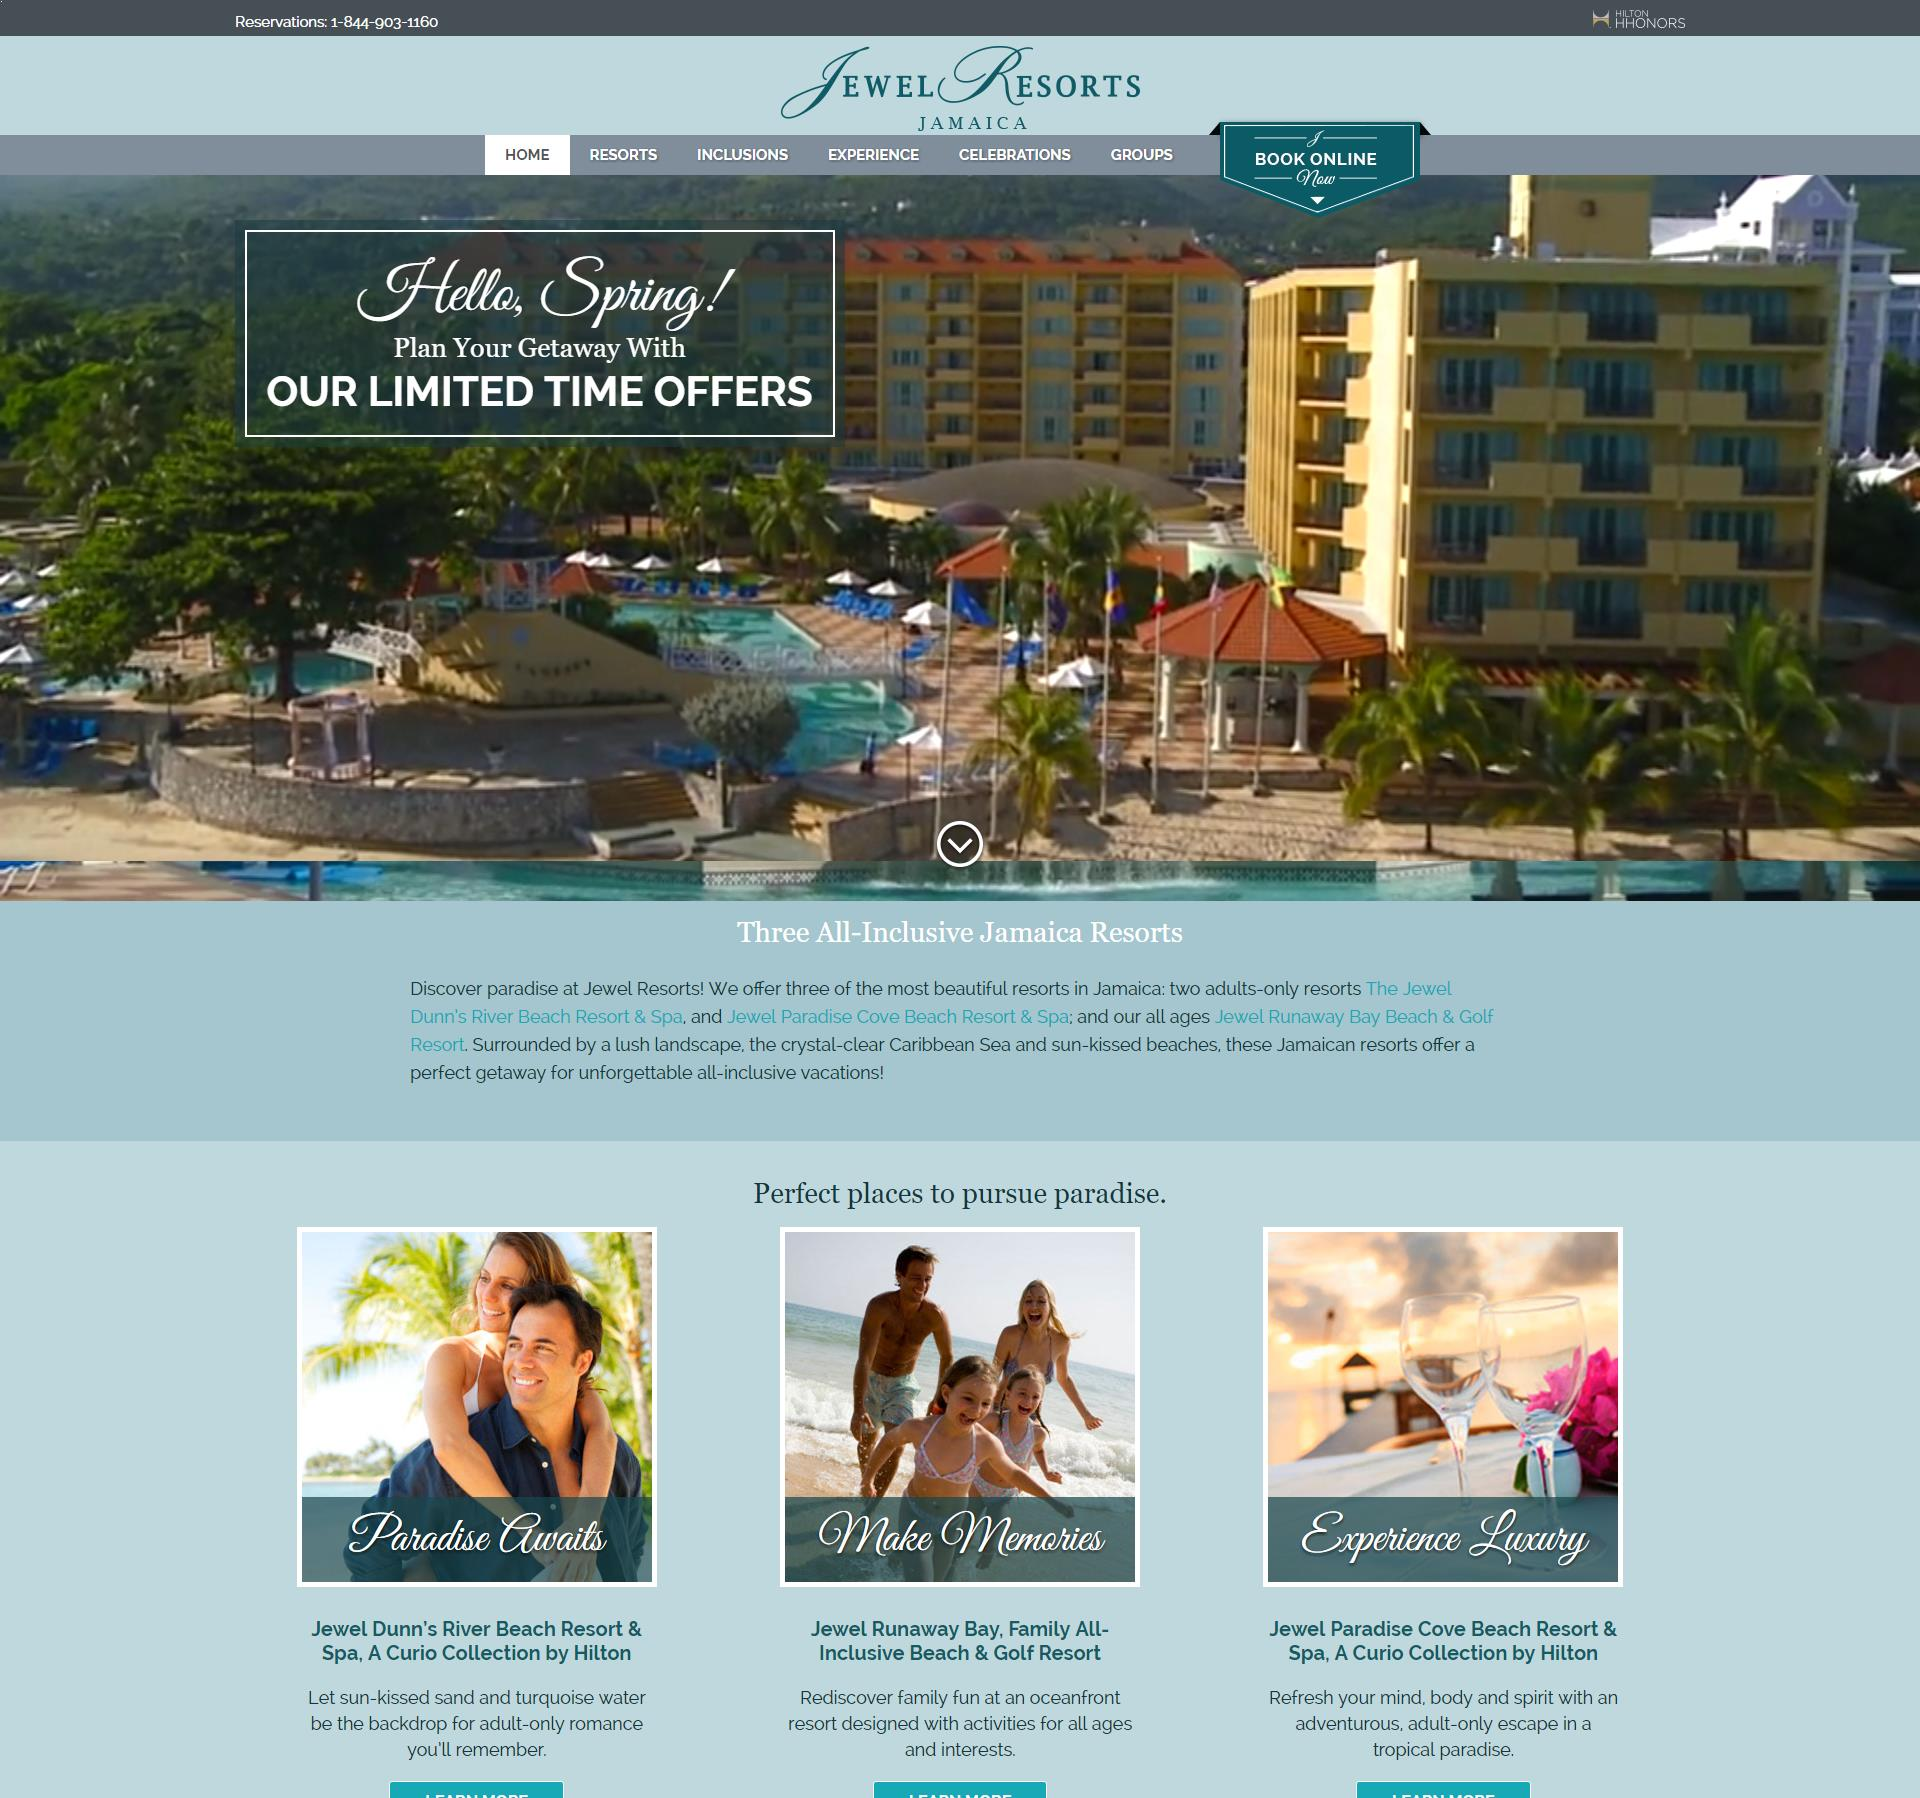 Jewel Resorts